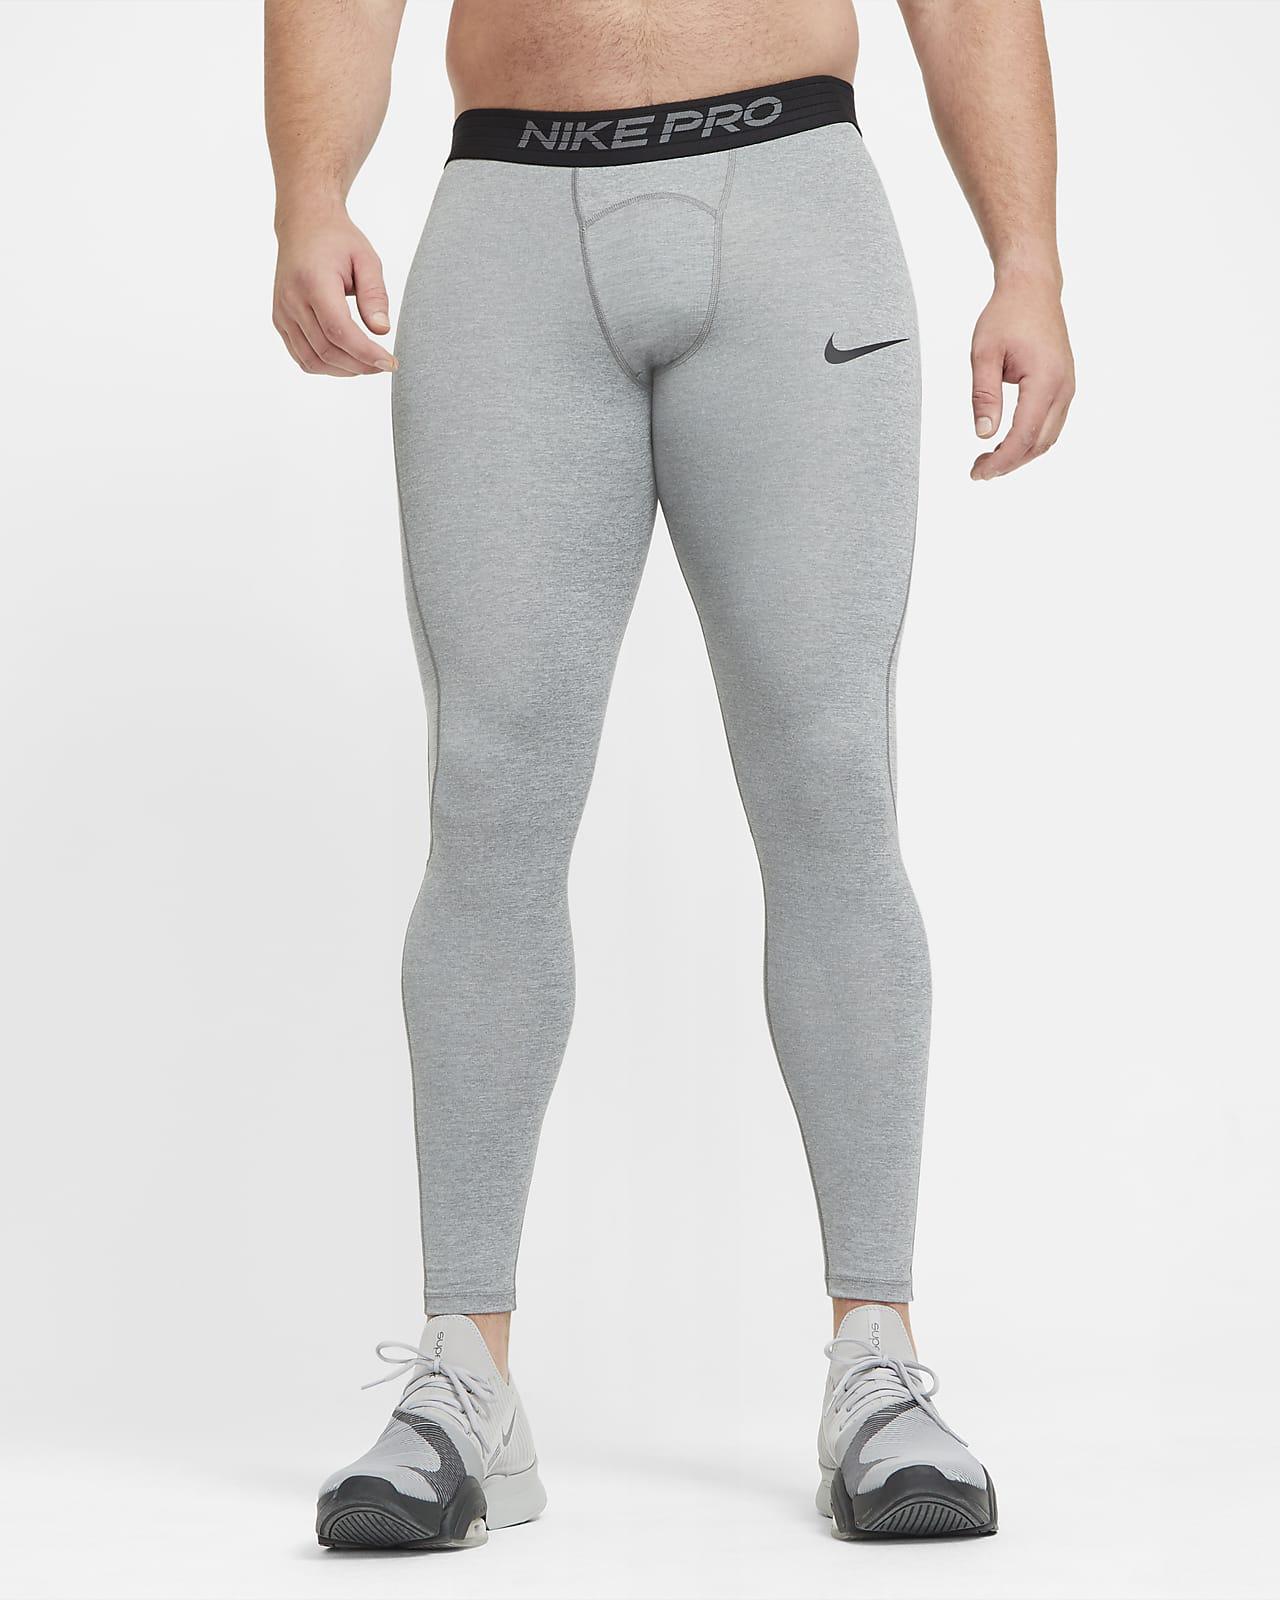 Nike Pro Men's Tights. Nike.com